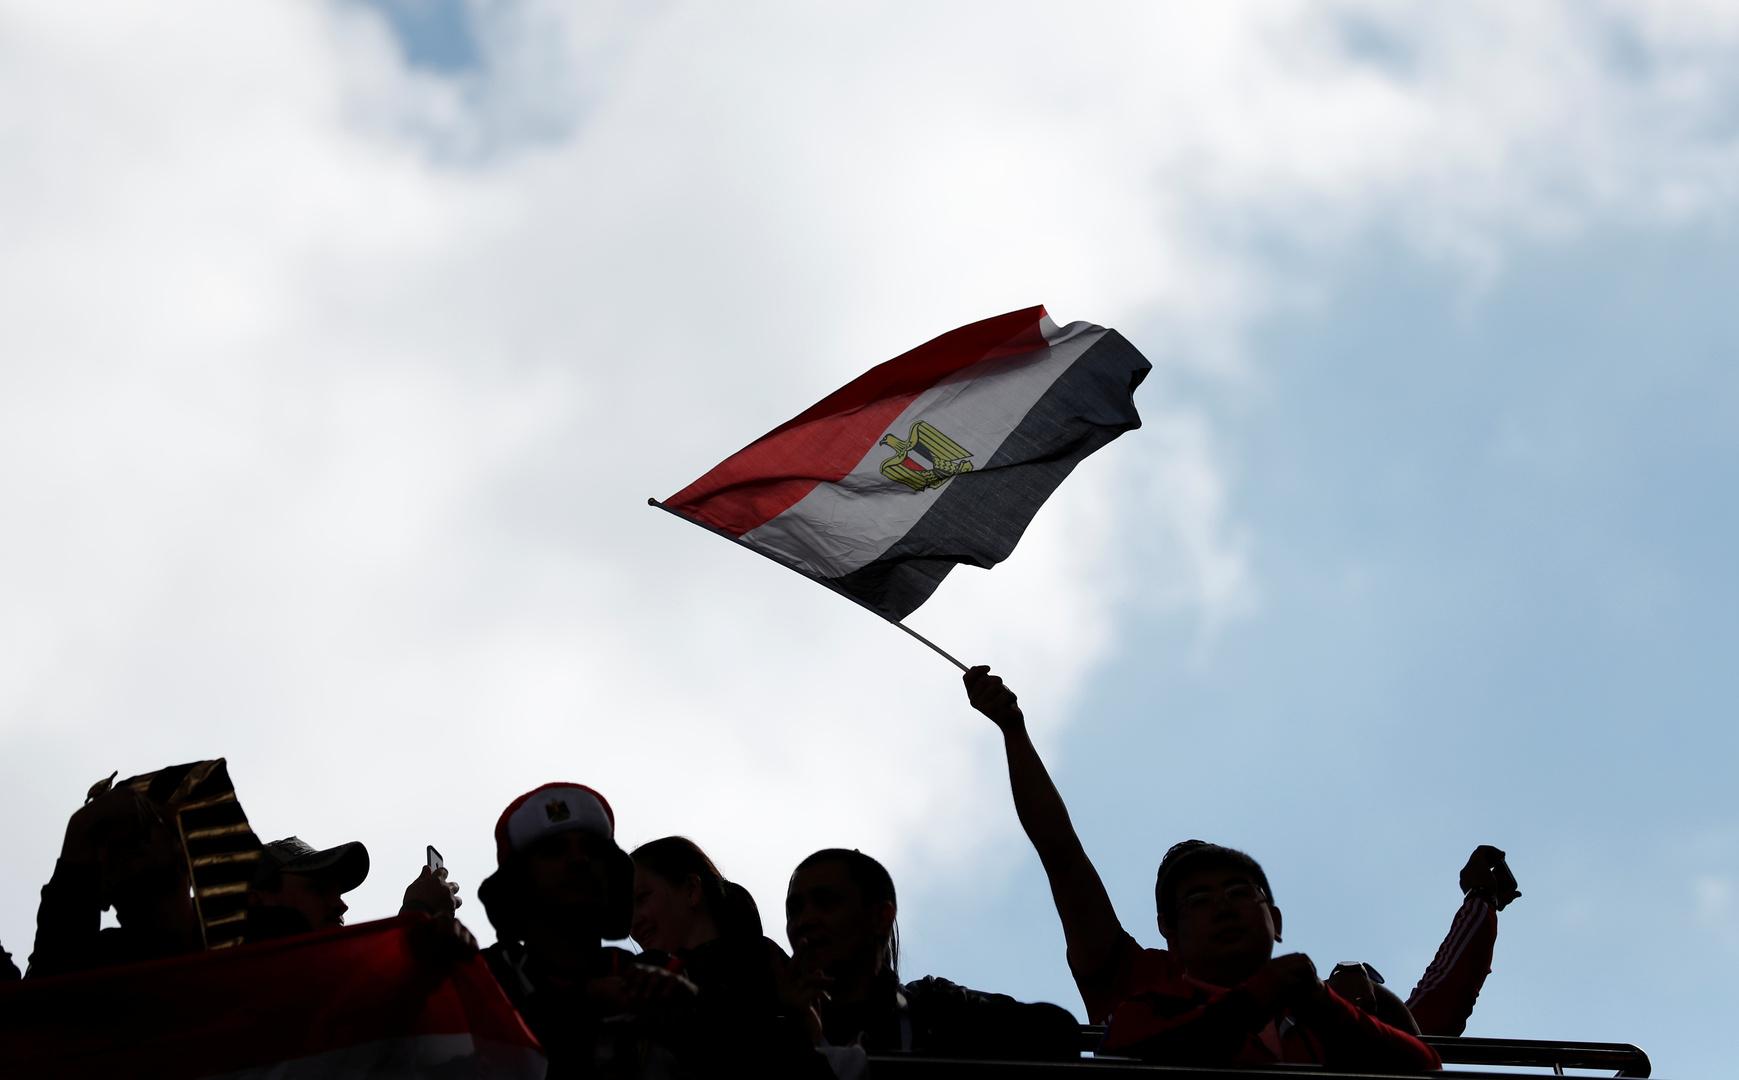 السعودية تعلن توجه المستثمرين لزيادة ضخ الأموال في مصر